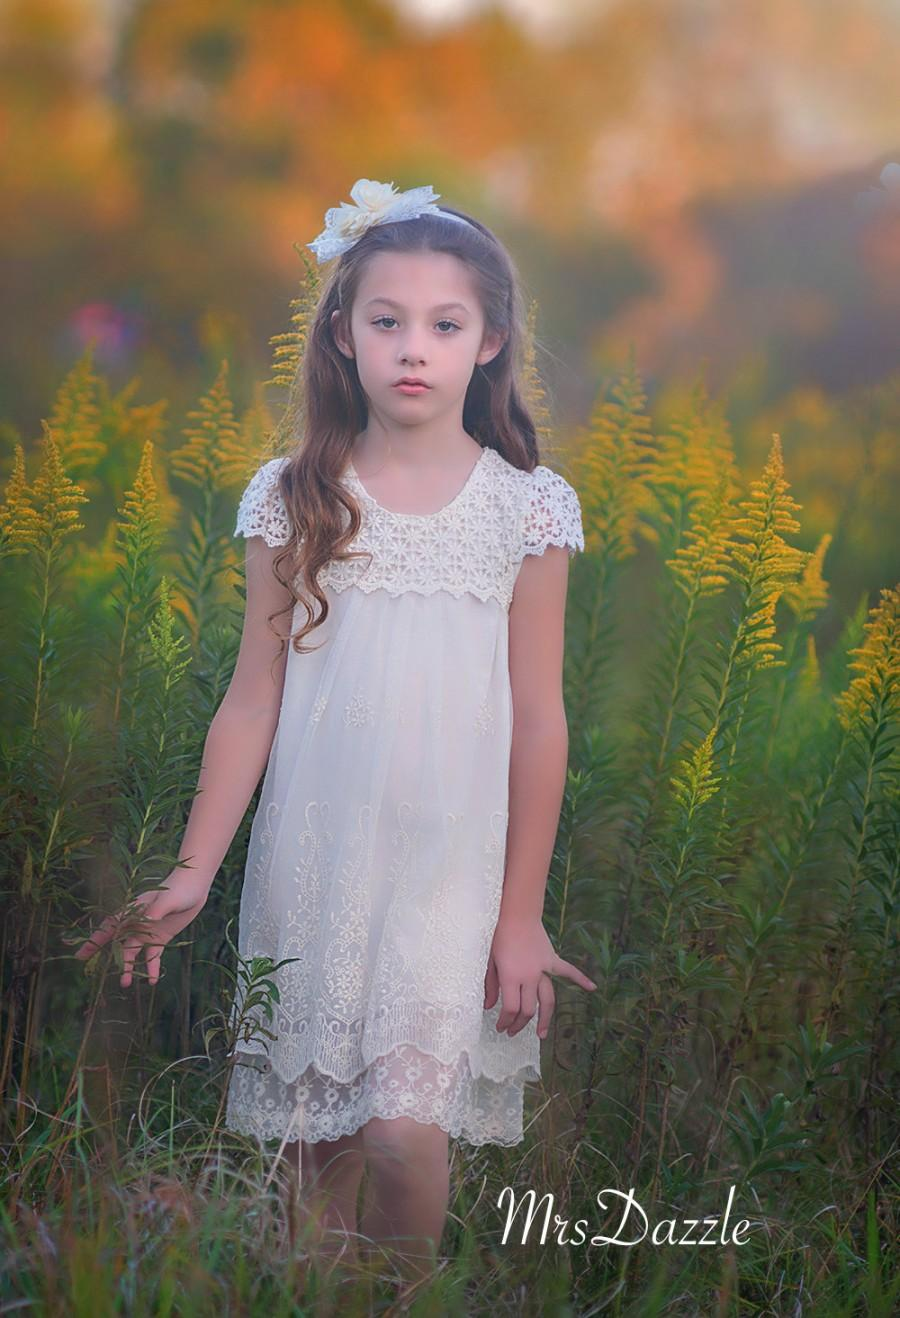 زفاف - SALE Girls Ivory Lace Dress,Ivory Flower Girl Dress,Flower Girl Lace Dress, Crochet lace dress,Girls Vintage Dress,Rustic Dress, Cream Dress